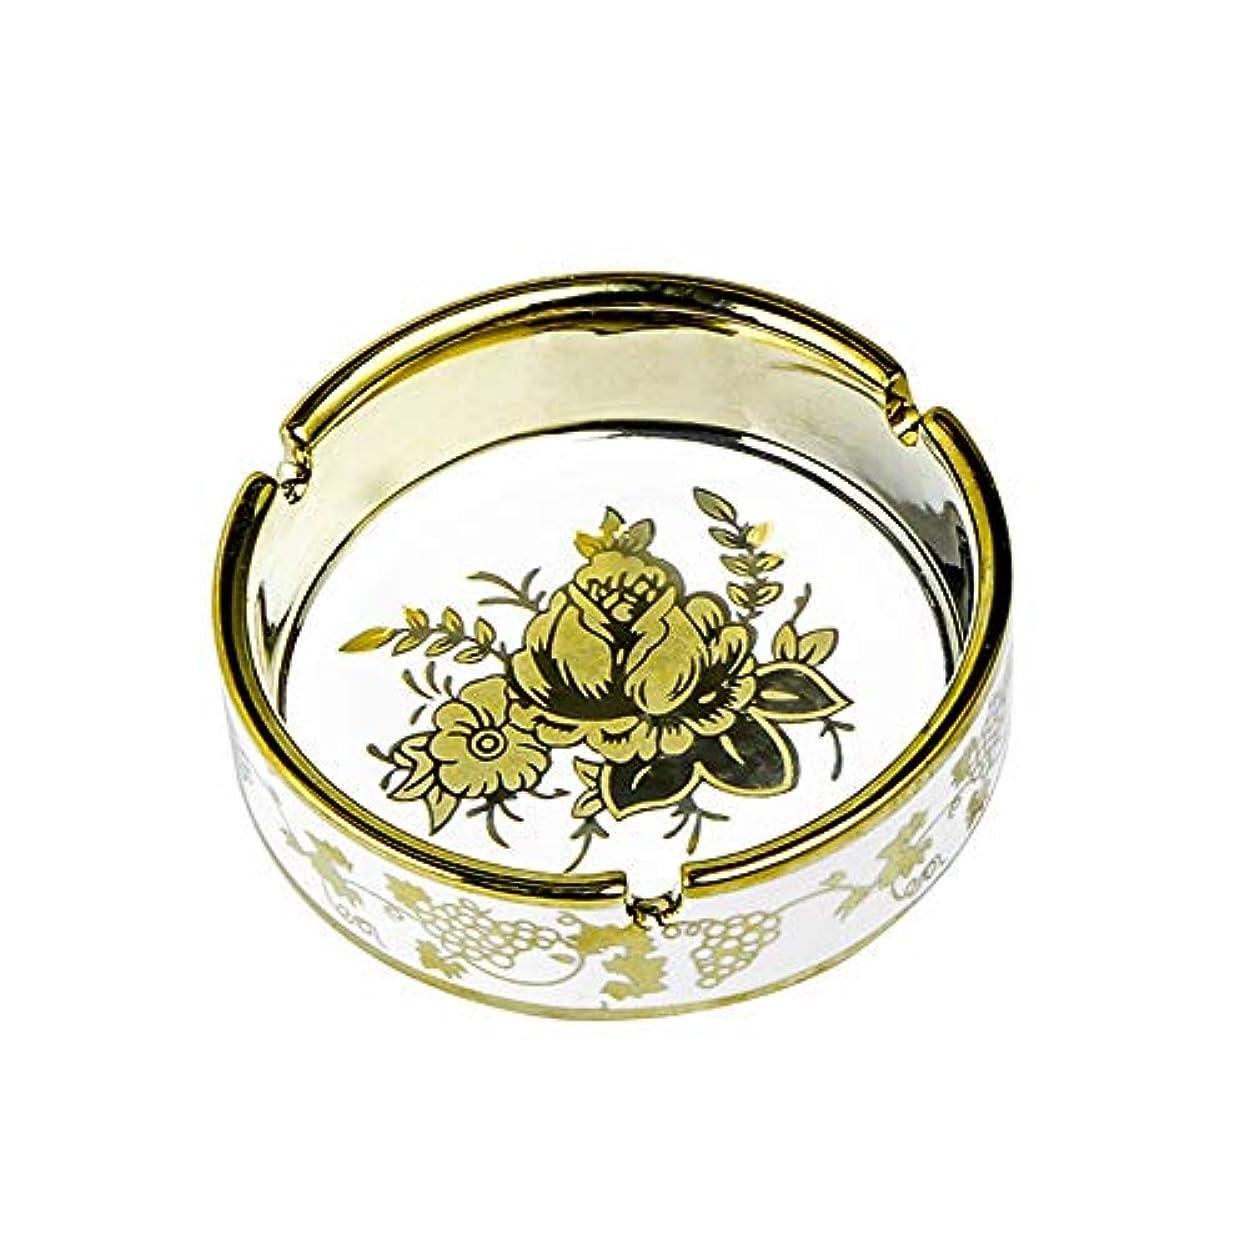 こんにちは修復活性化タバコ、ギフトおよび総本店の装飾のための円形の光沢のあるセラミック灰皿